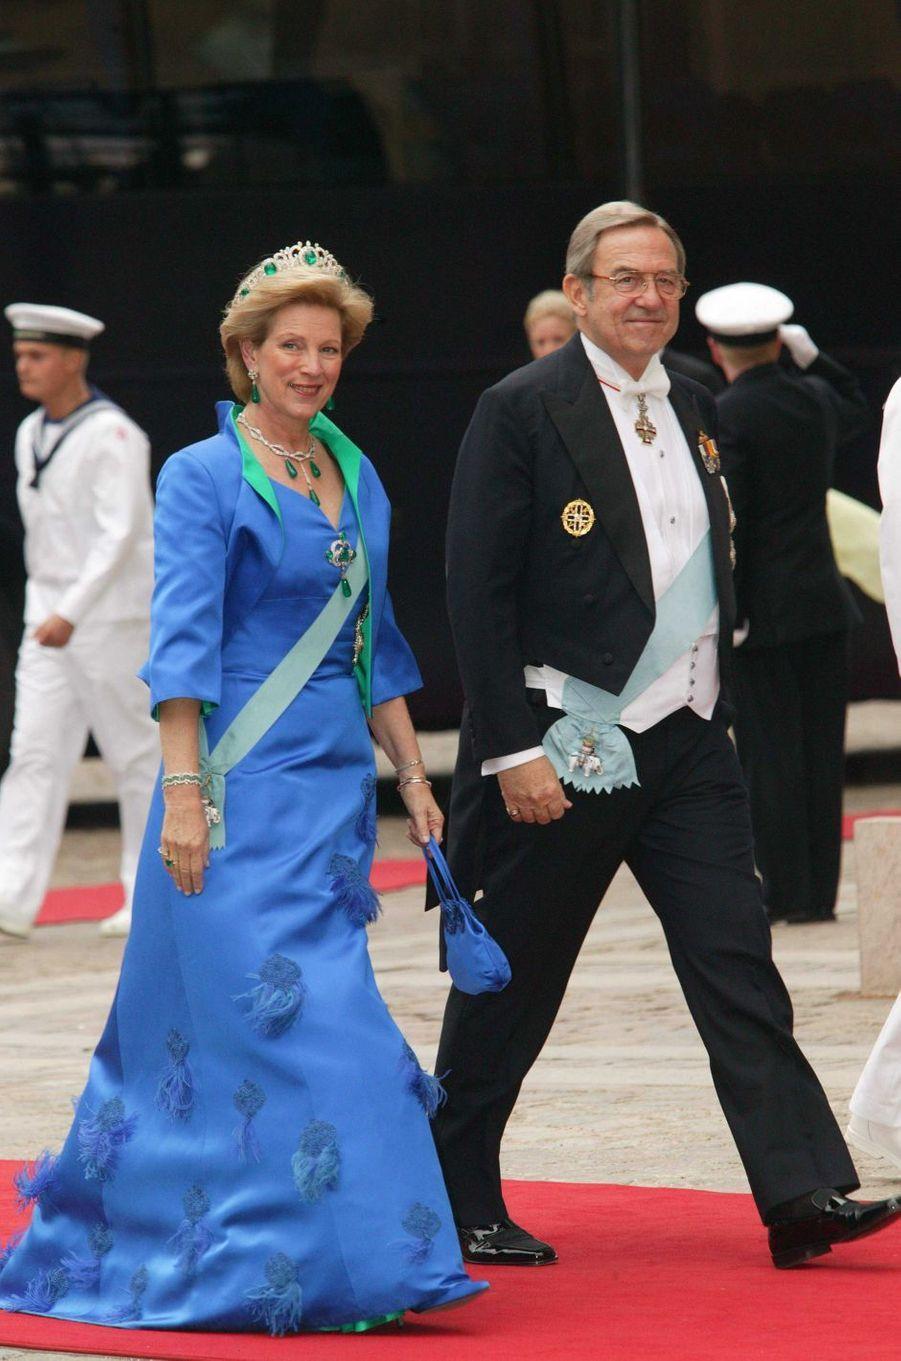 L'ancienne reine Anne-Marie et l'ancien roi Constantin II de Grèce à Copenhague, le 14 mai 2004